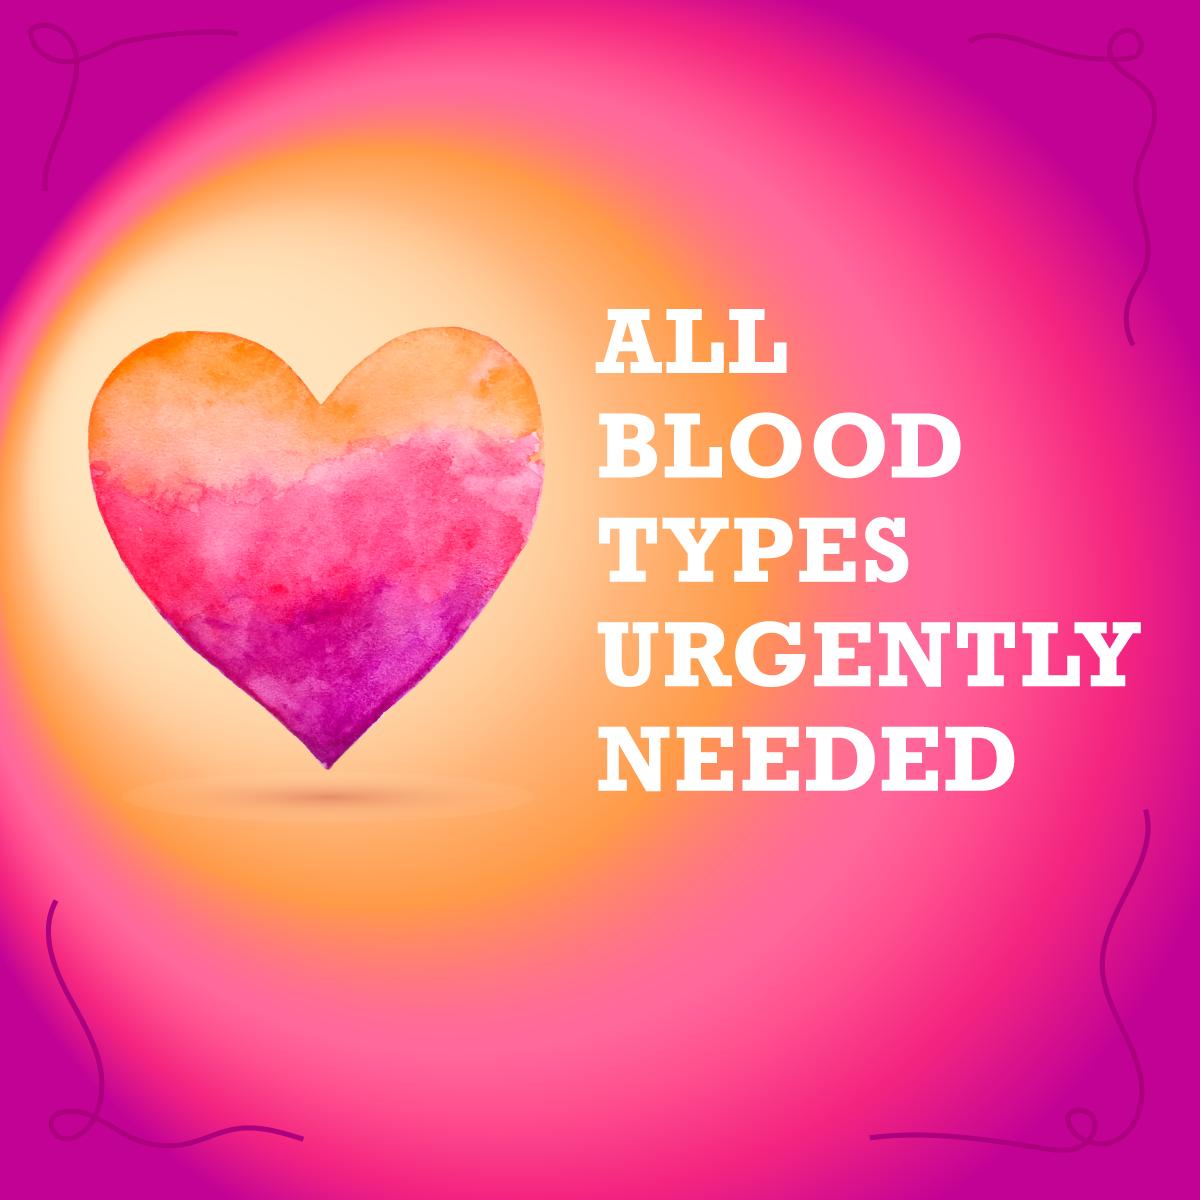 Immediate Need